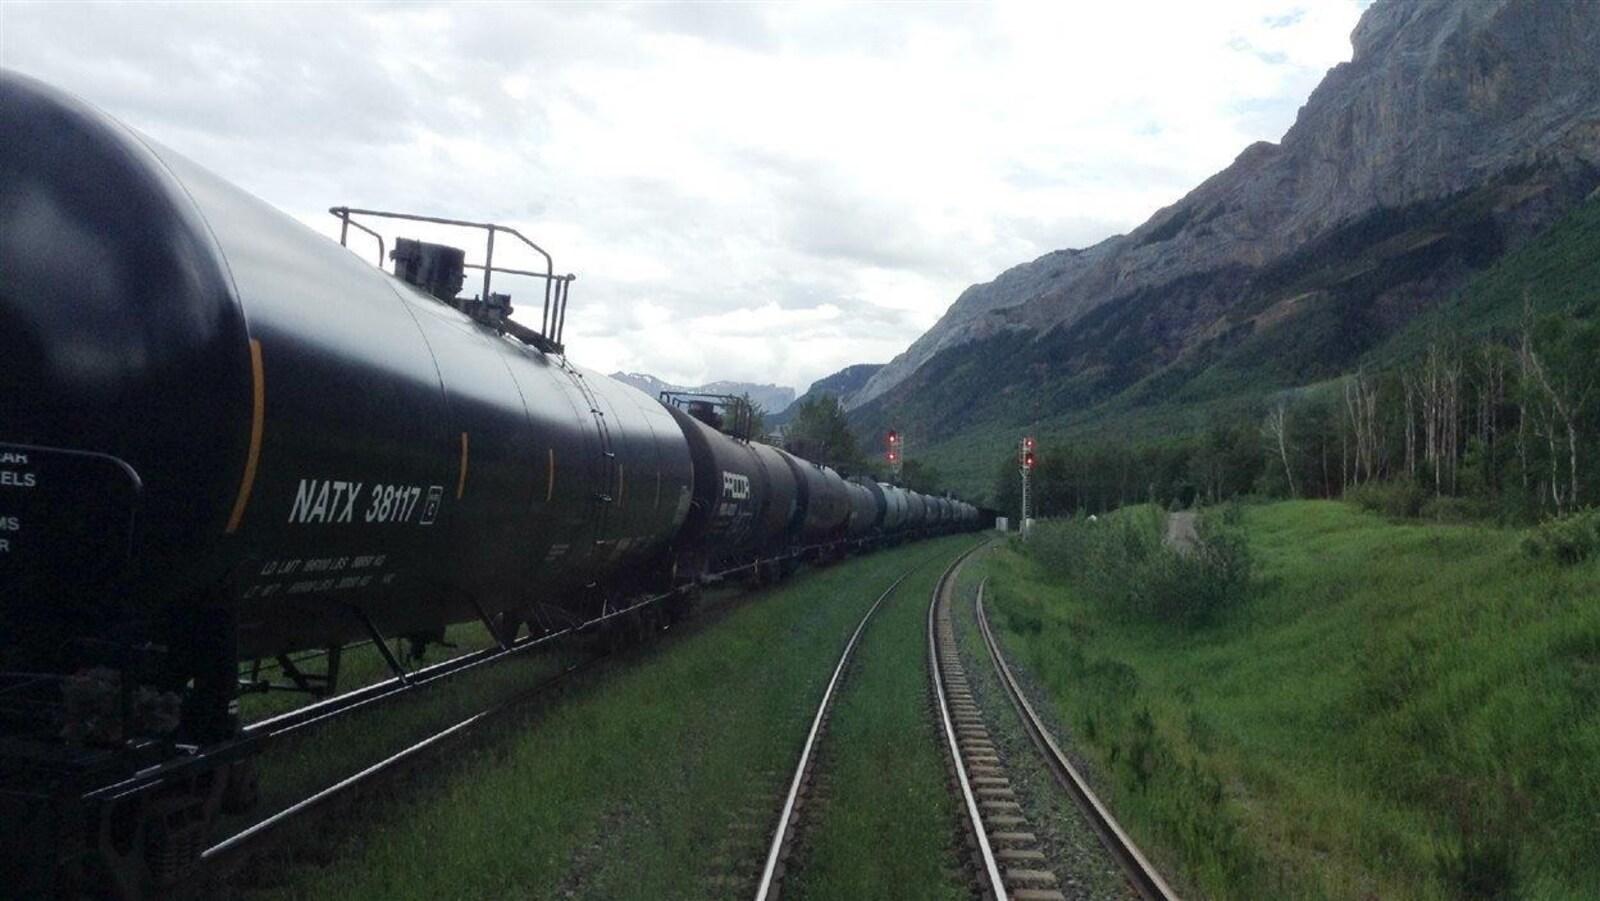 Des wagons transportant du pétrole traversent les Rocheuses en direction de la côte ouest.